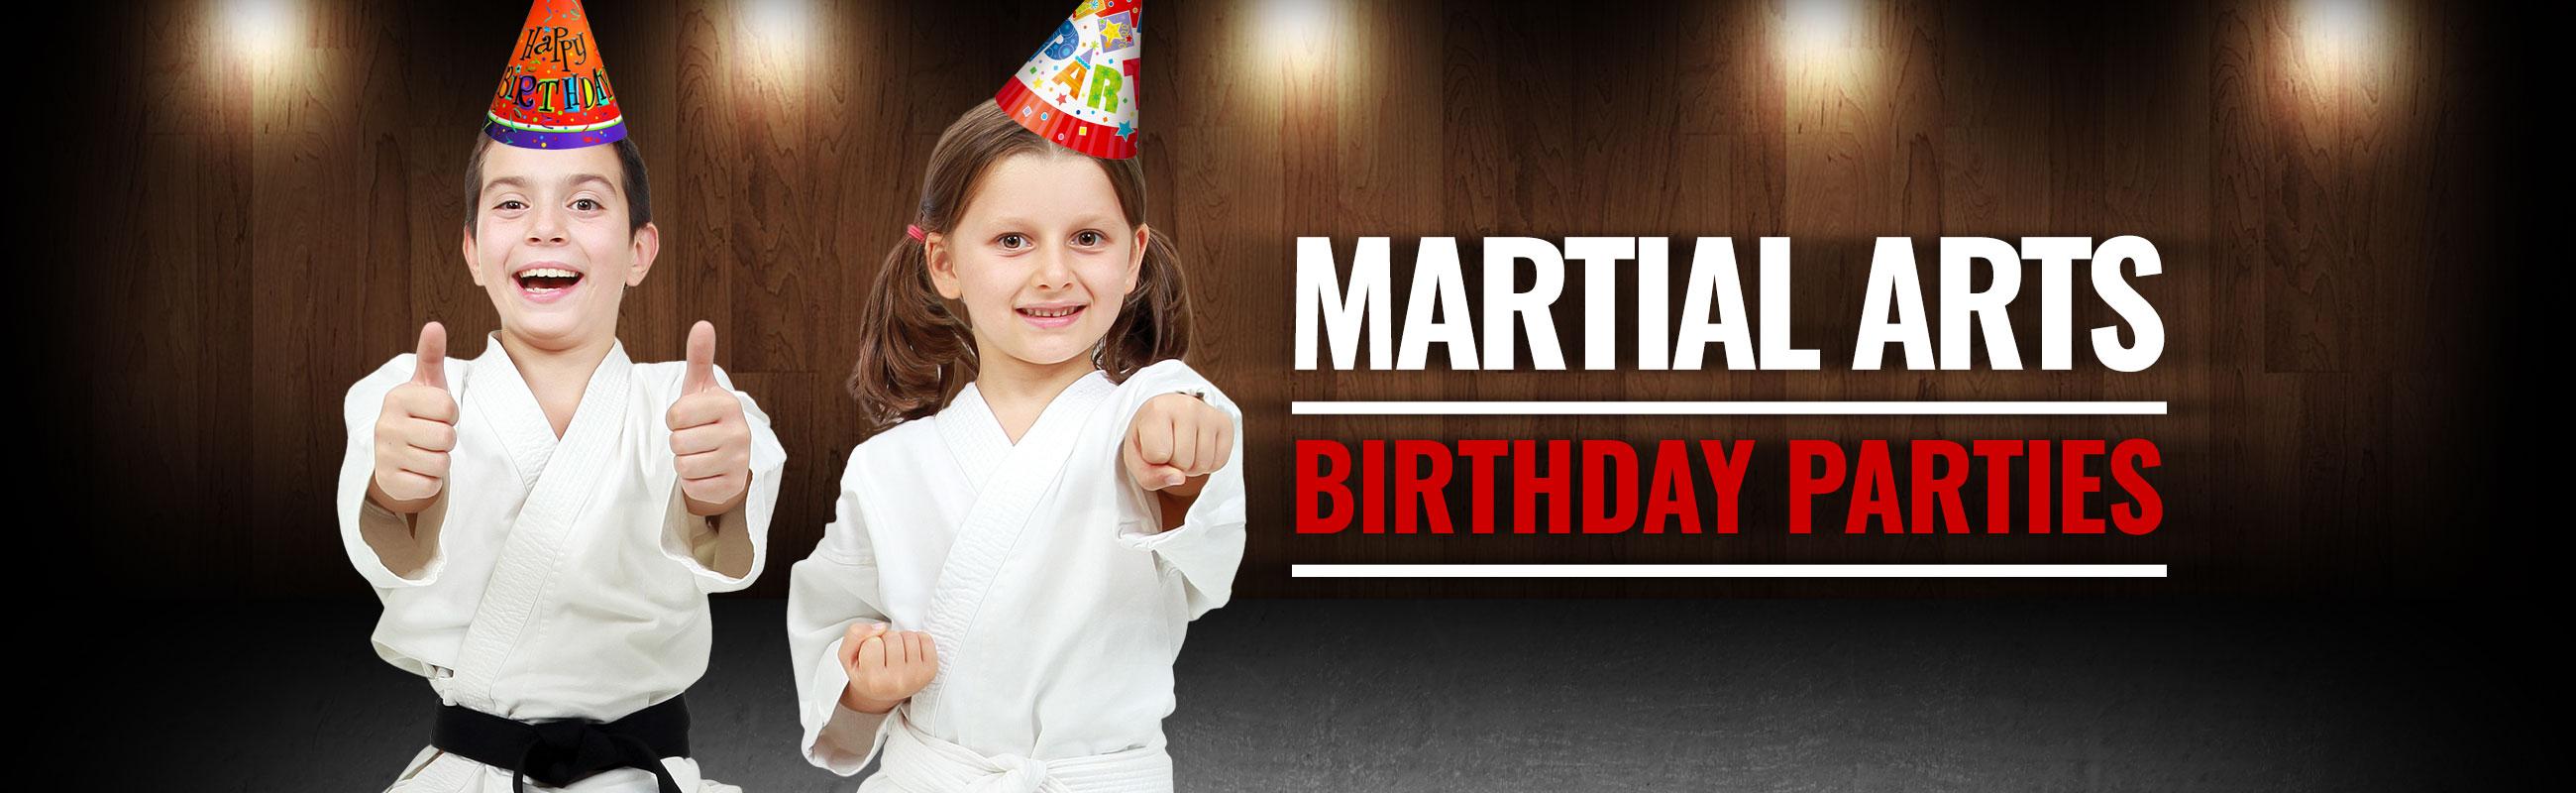 martial arts birthday parties